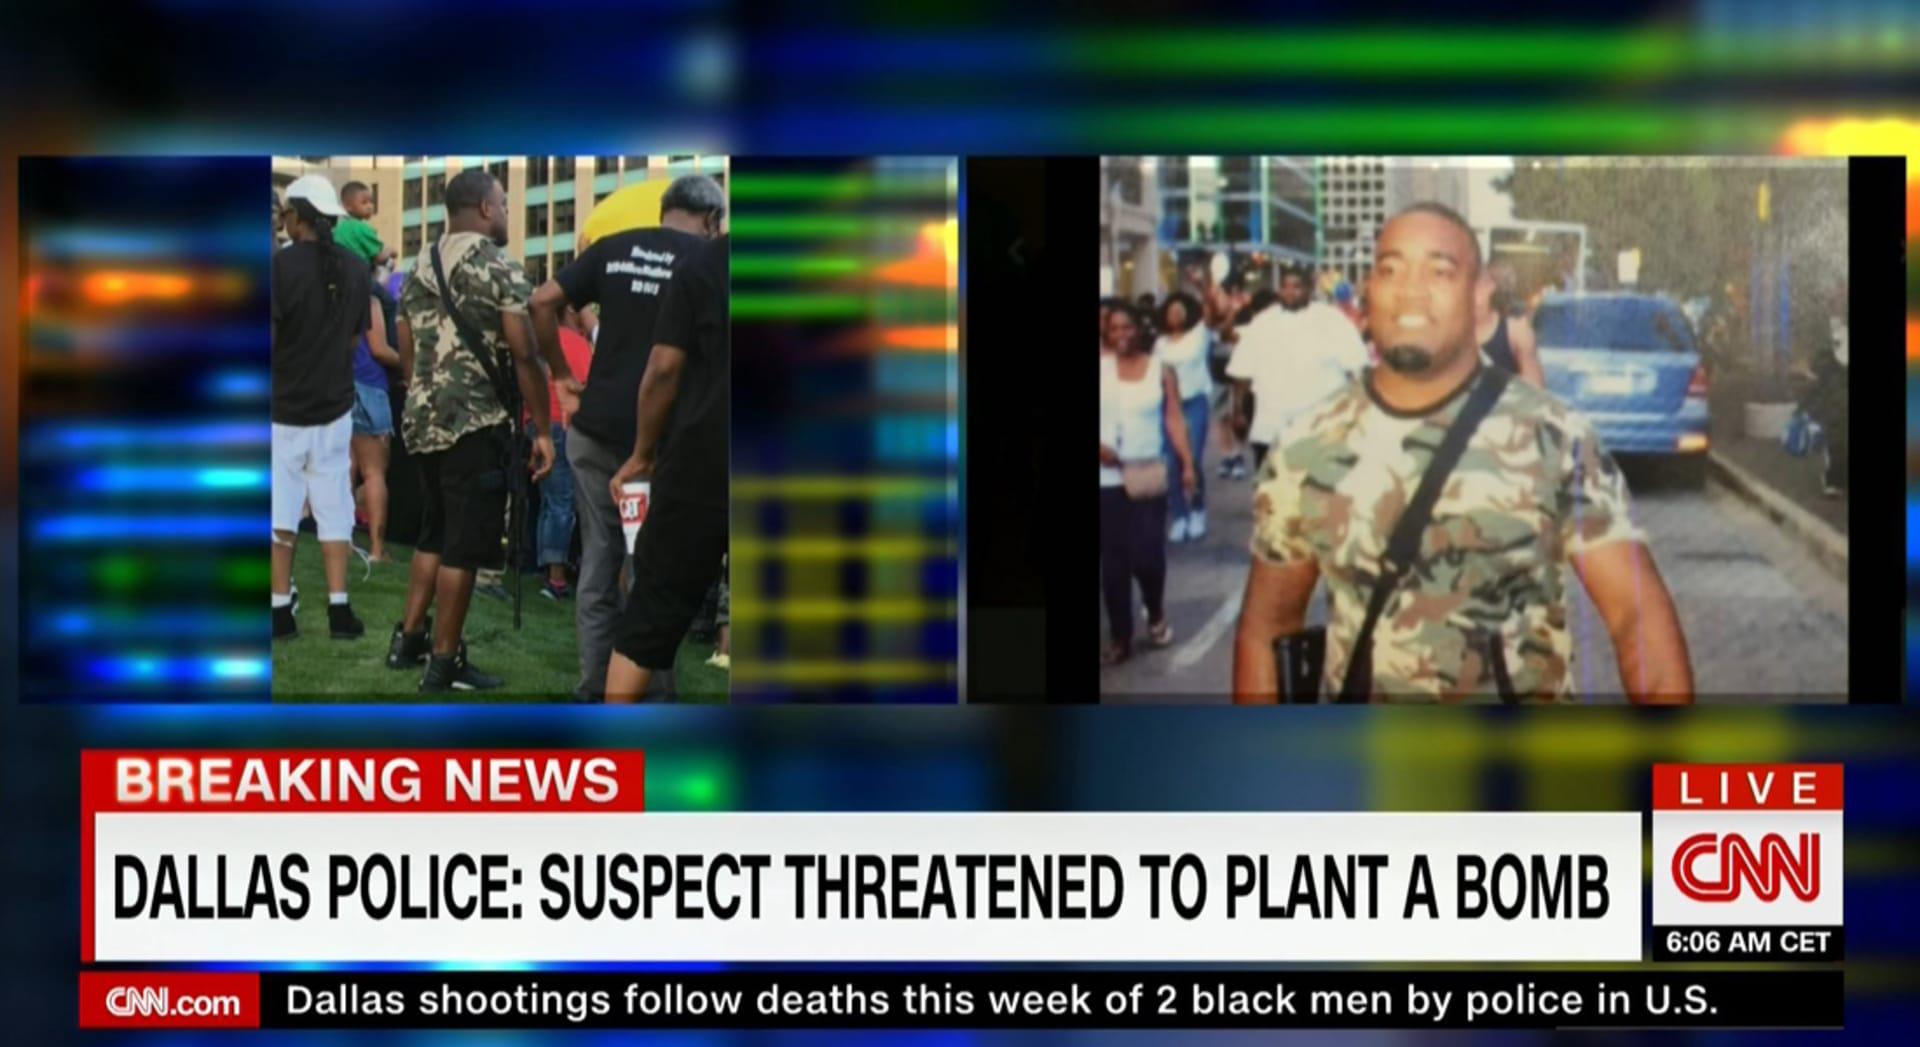 إطلاق النار في دالاس.. السلطات تنشر صورتين لمشتبه به.. وارتفاع حصيلة القتلى لـ4 عناصر بالشرطة